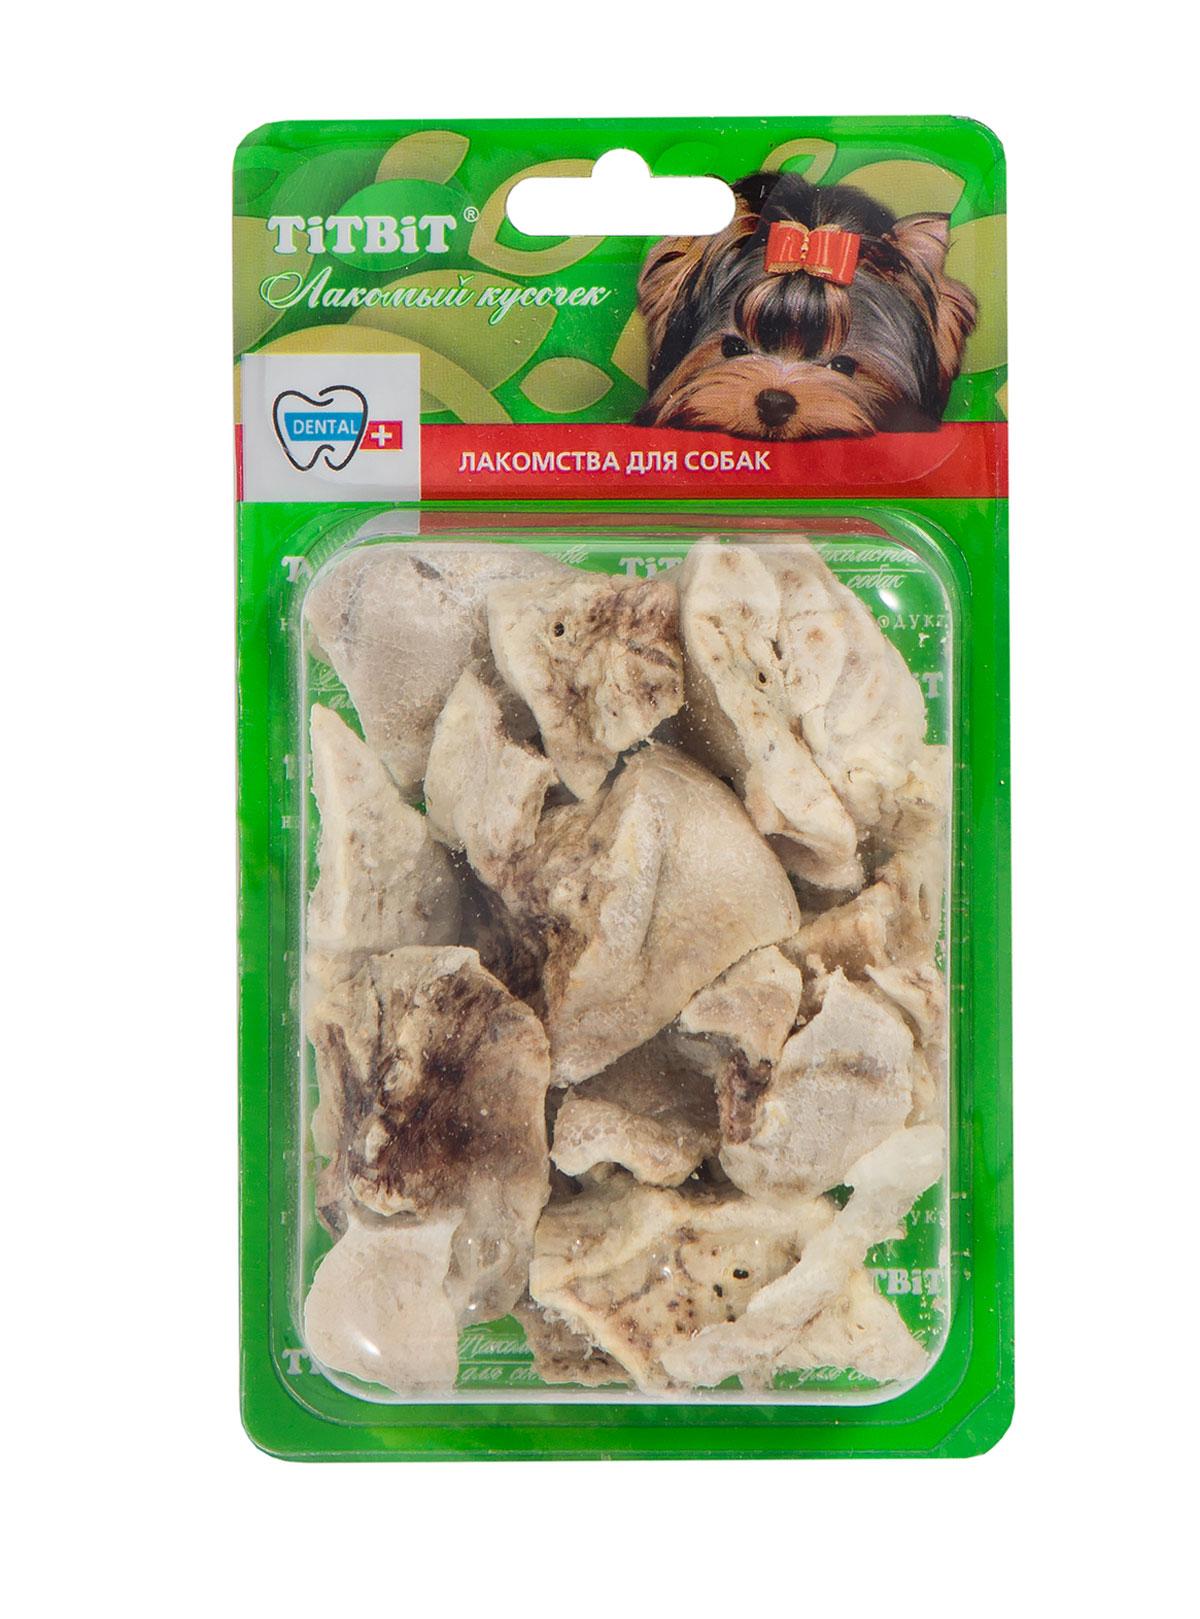 Лакомство для собак Titbit, говяжье легкое, 8-10 кусочков319304Упаковка содержит 8-10 кусочков высушенного говяжьего легкого.Высокое содержание микроэлементов и соединительной ткани дополняет удовольствие собаки от нежного лакомства.Легкие очень вкусны, малокалорийны и замечательно усваиваются организмом. Легкие содержат практически такой же набор витаминов, как и мясо, но зато гораздо менее жирные. Оказывают положительное воздействие на состояние кожи, шерсти и общий обмен веществ. Кусочки очень удобно использовать в качестве поощрения при дрессуре, и просто на прогулках. Для собак всех пород и возрастов. Особенно рекомендуется для собак с неполной зубной формулой и возрастными изменениями зубочелюстного аполипропиленовый пакетарата. Благодаря вкусовым качествами воздушной структуре является одним из самых любимых лакомствдля наших четвероногих друзей. Состав: Высушенные кусочки говяжьего легкого.